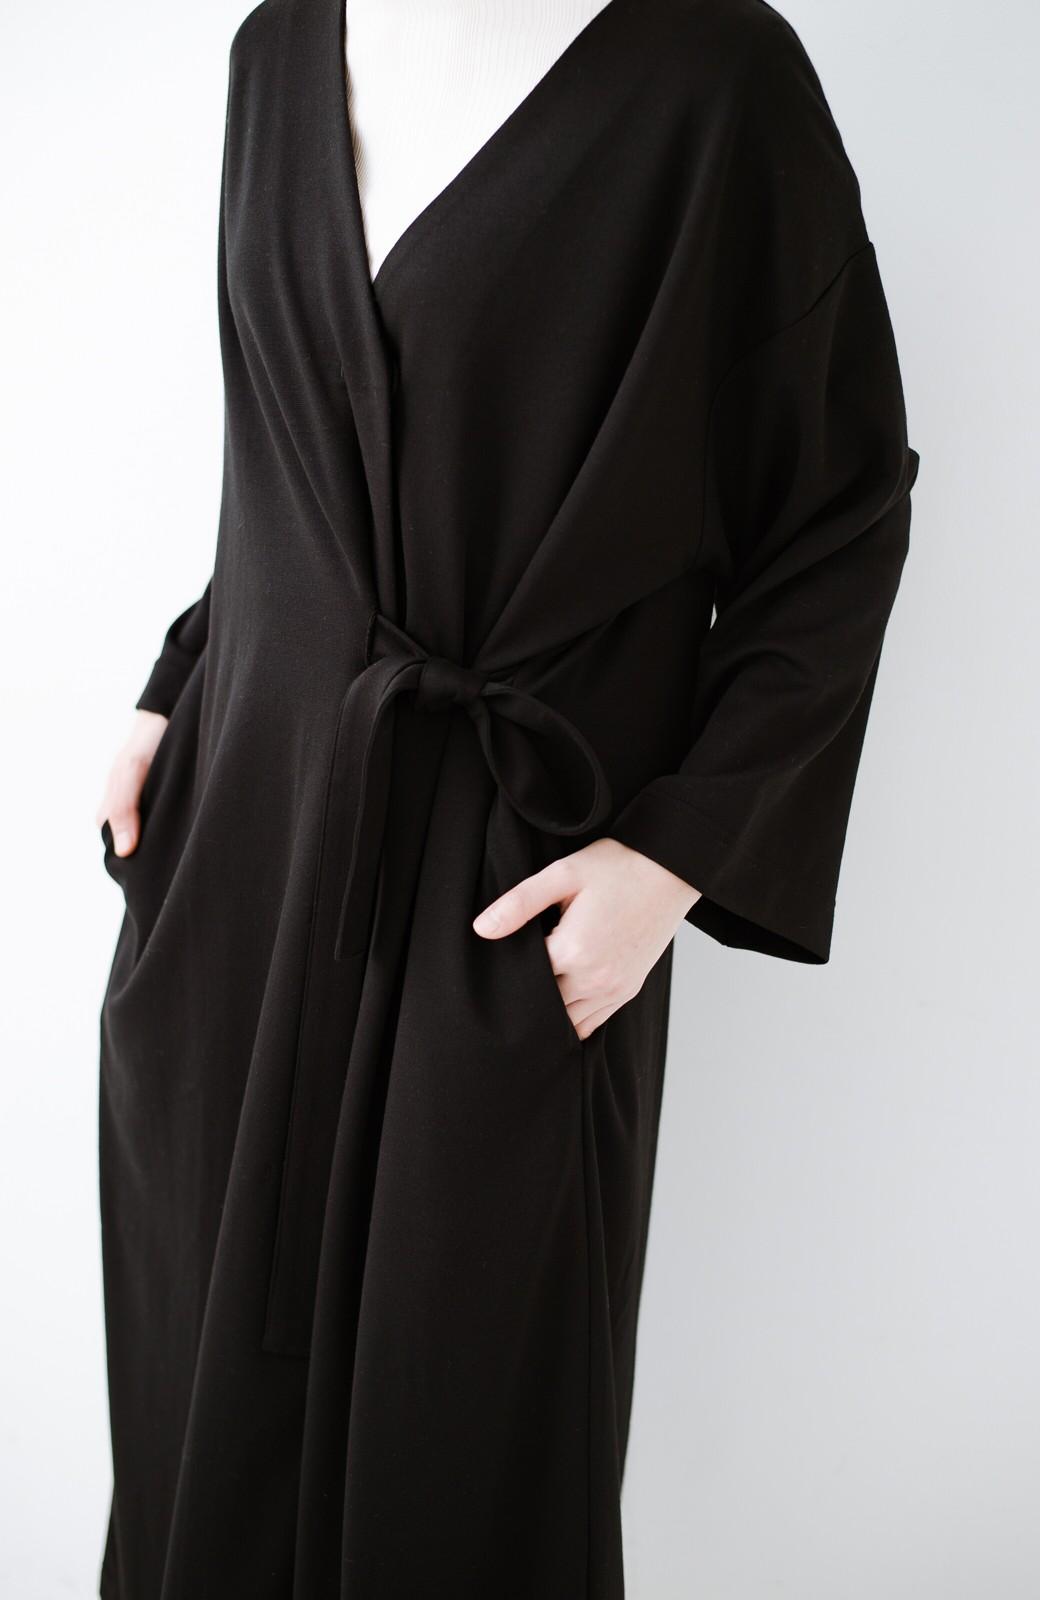 haco! サイドリボンと落ち感が女っぽい 羽織り&重ね着を楽しむカットソーワンピース <ブラック>の商品写真6